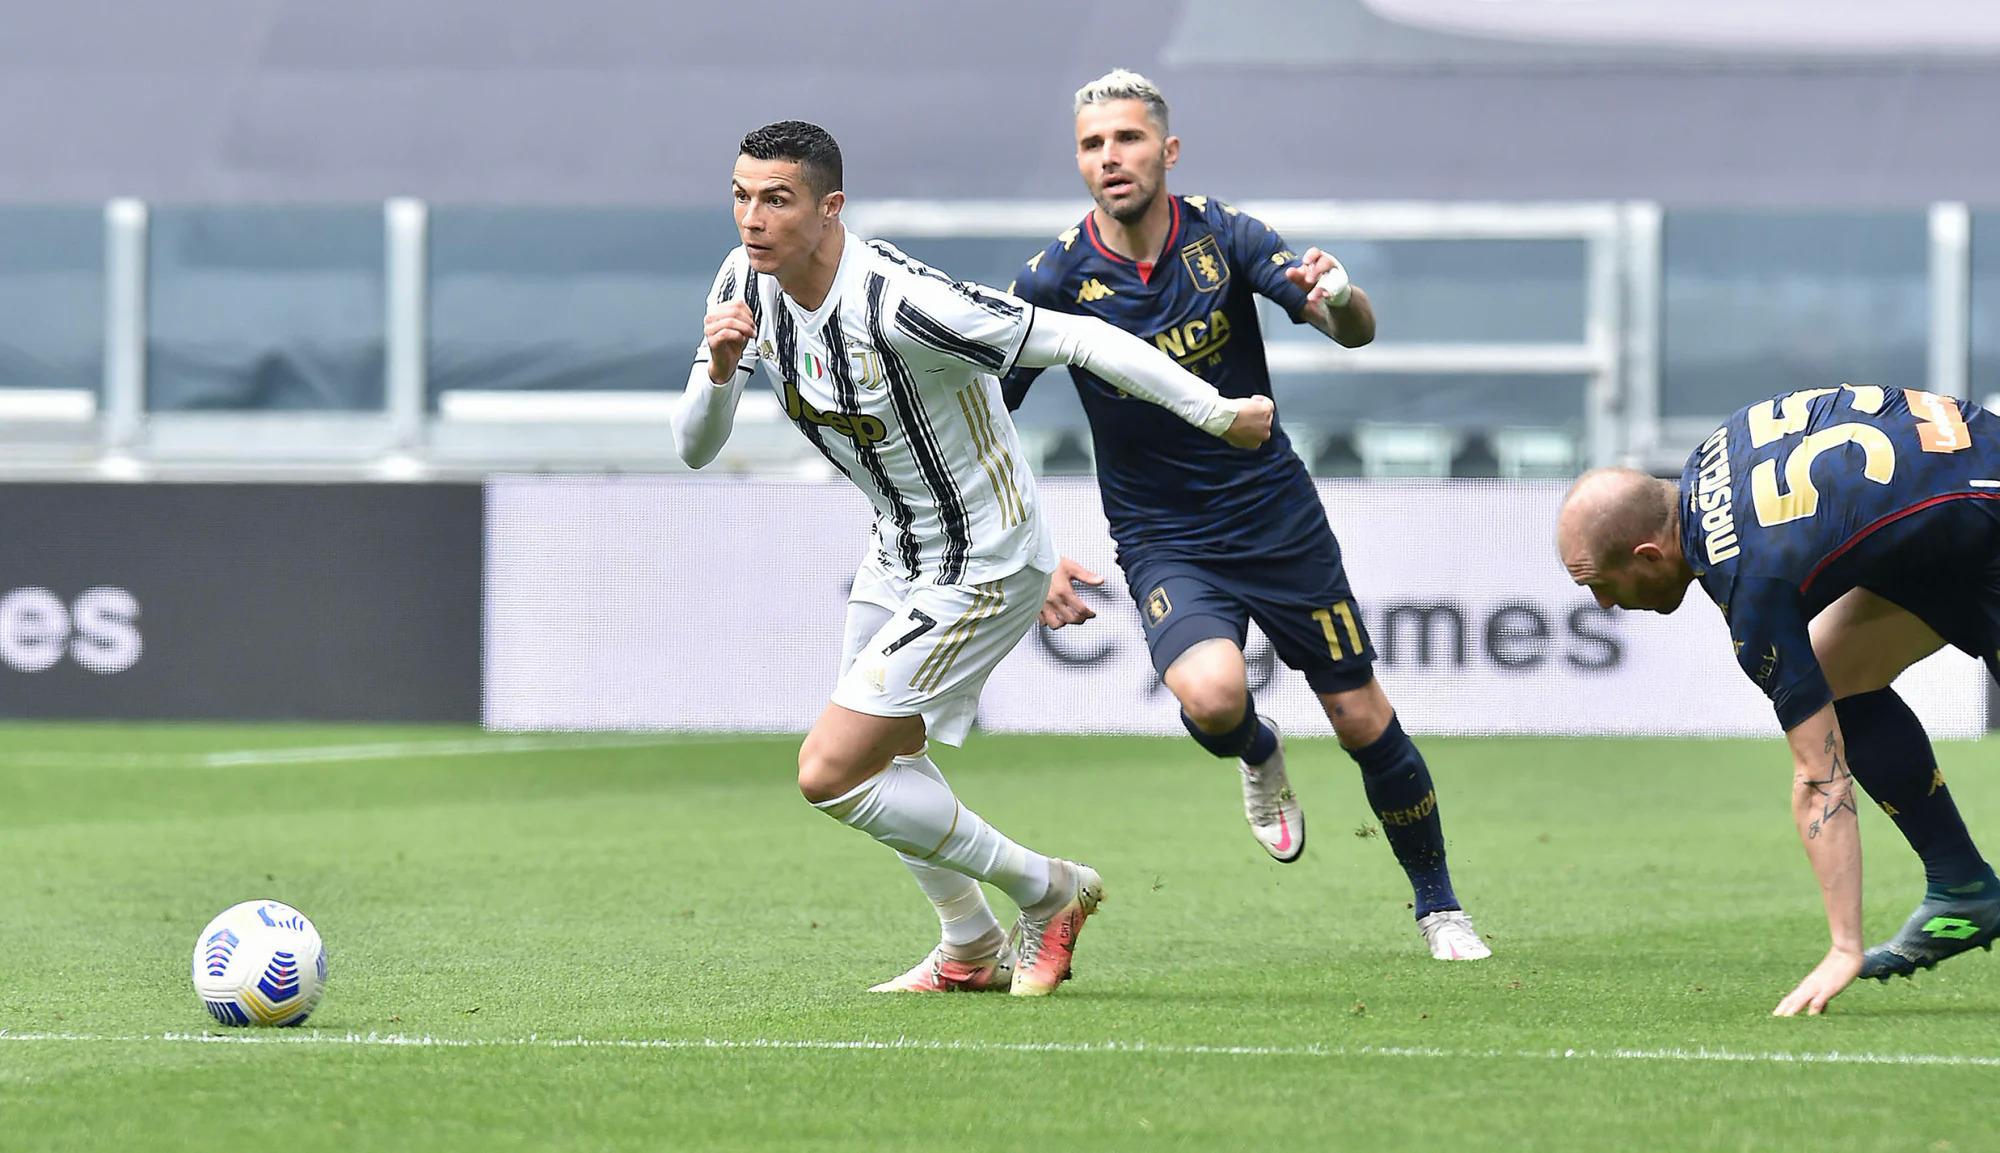 Ronaldo mencetak 8,07 oleh Whoscored - tertinggi dalam pertandingan, tetapi tidak mencetak gol.  Foto: ANSA